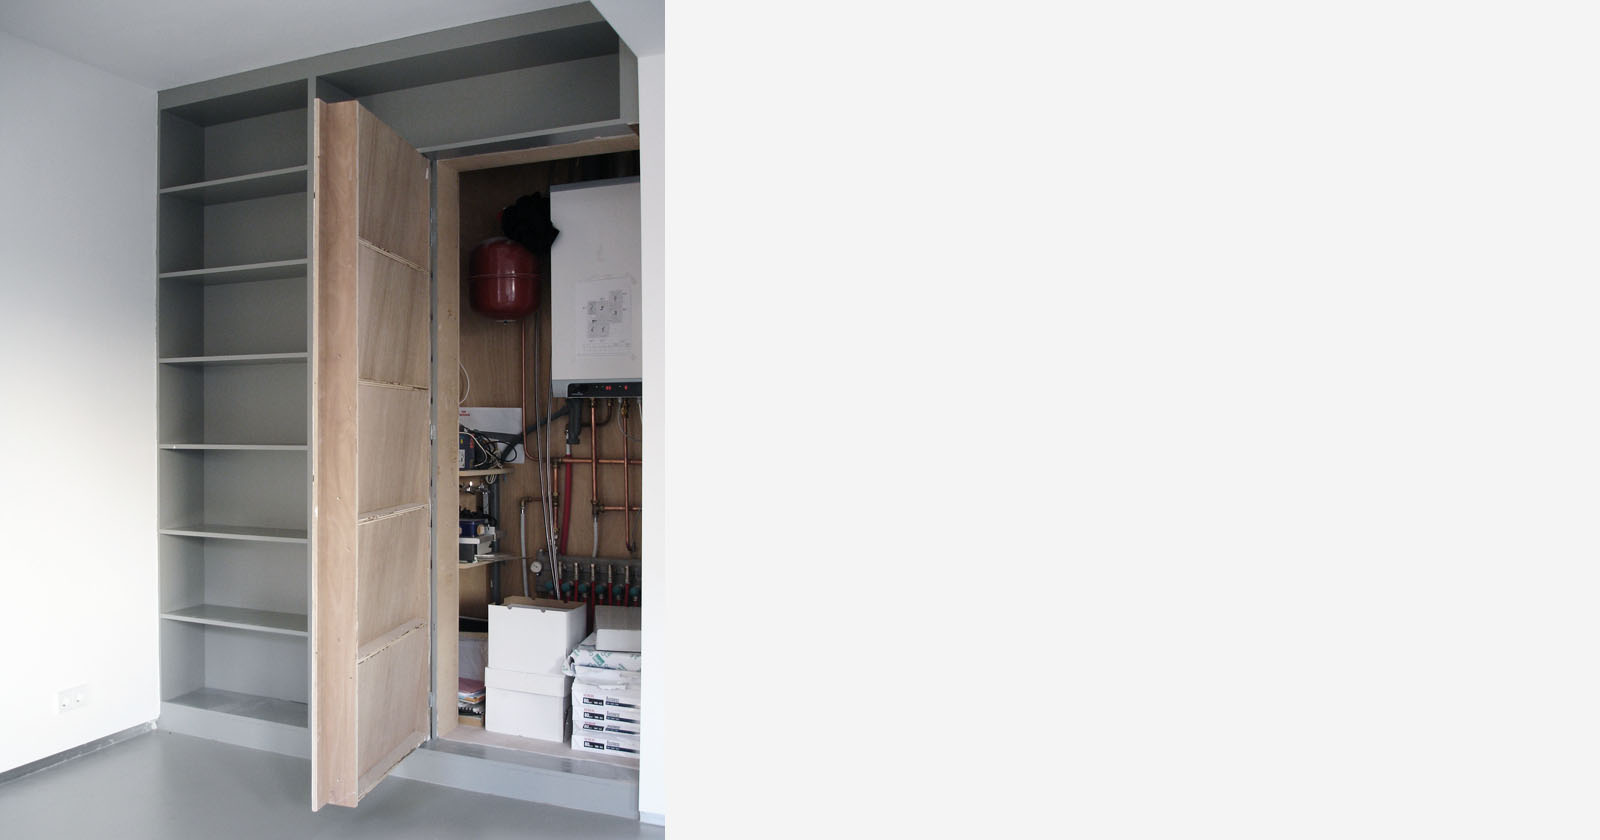 Thomas durner works kast muur raam deur hok geheim - Deur kast garagedeur ...